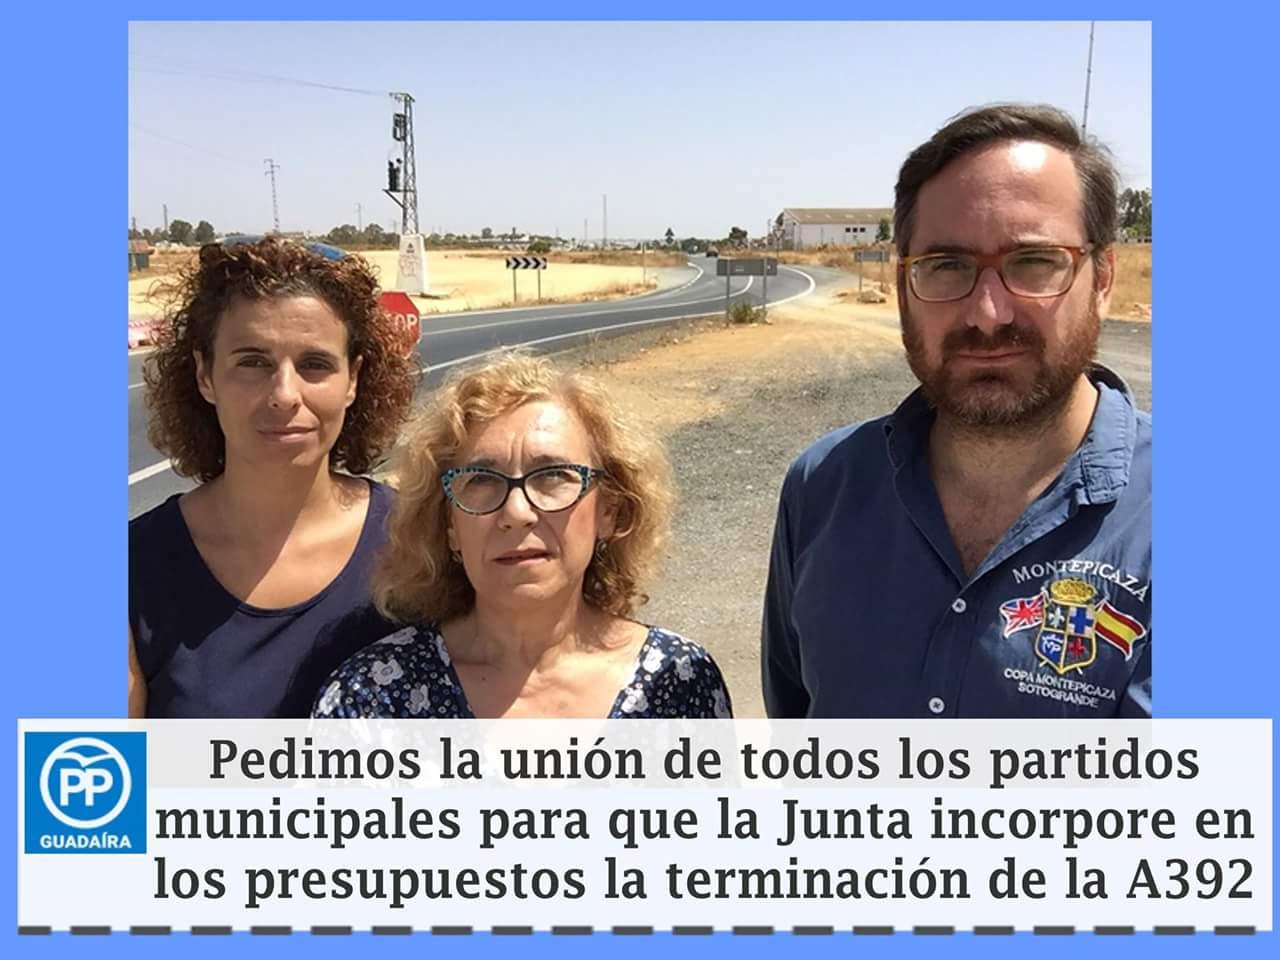 Gastar en estética antes que en seguridad en la Carretera de Dos Hermanas-Alcalá no es admisible